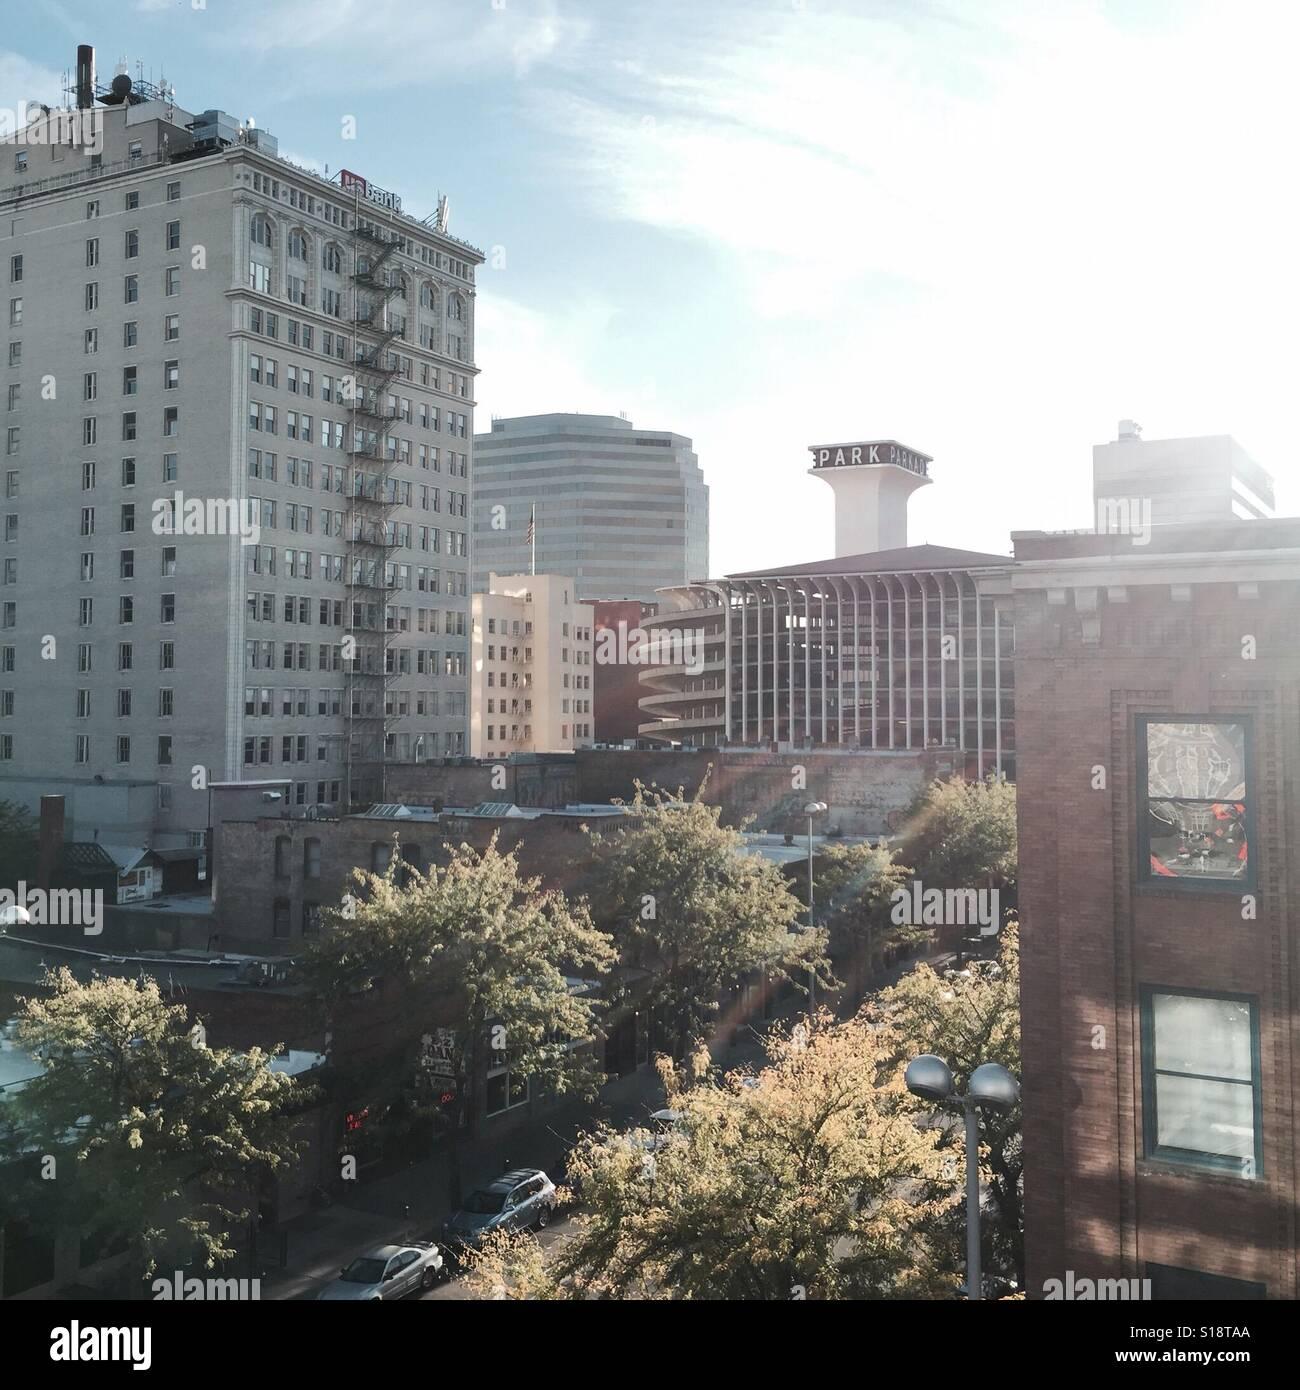 Downtown - Spokane, Washington Stock Photo